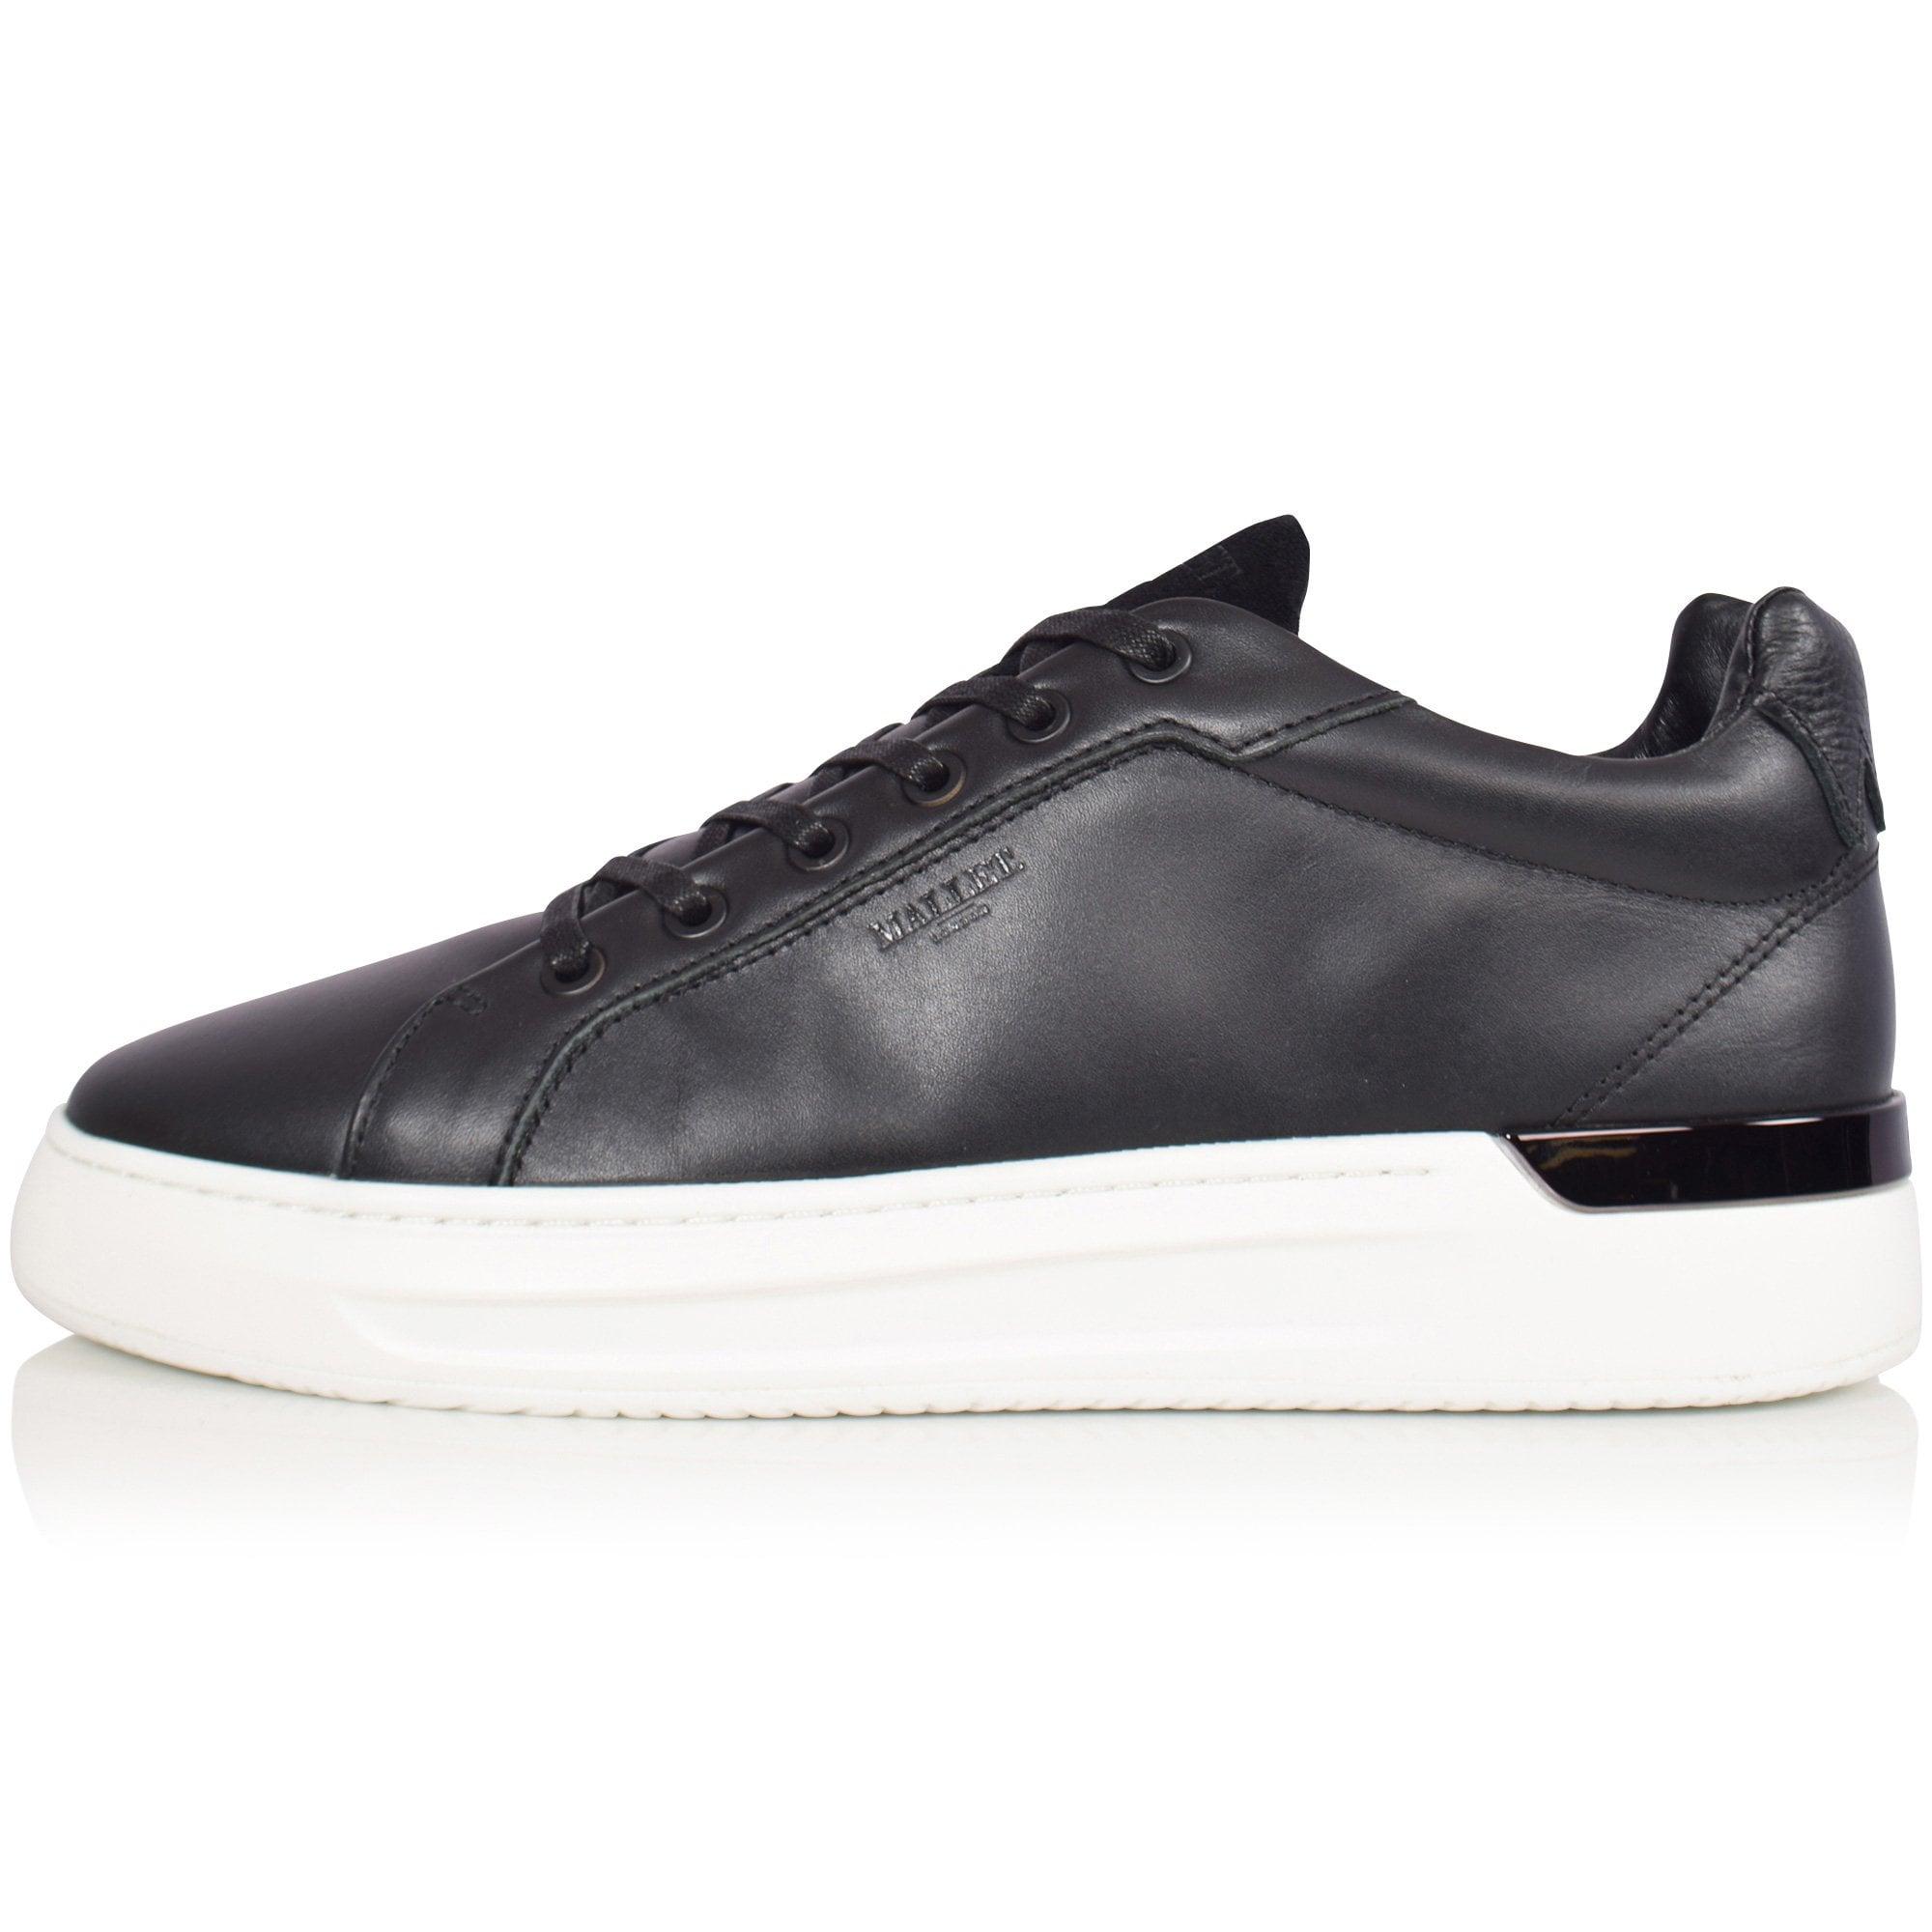 MALLET FOOTWEAR Black/White GRFTR